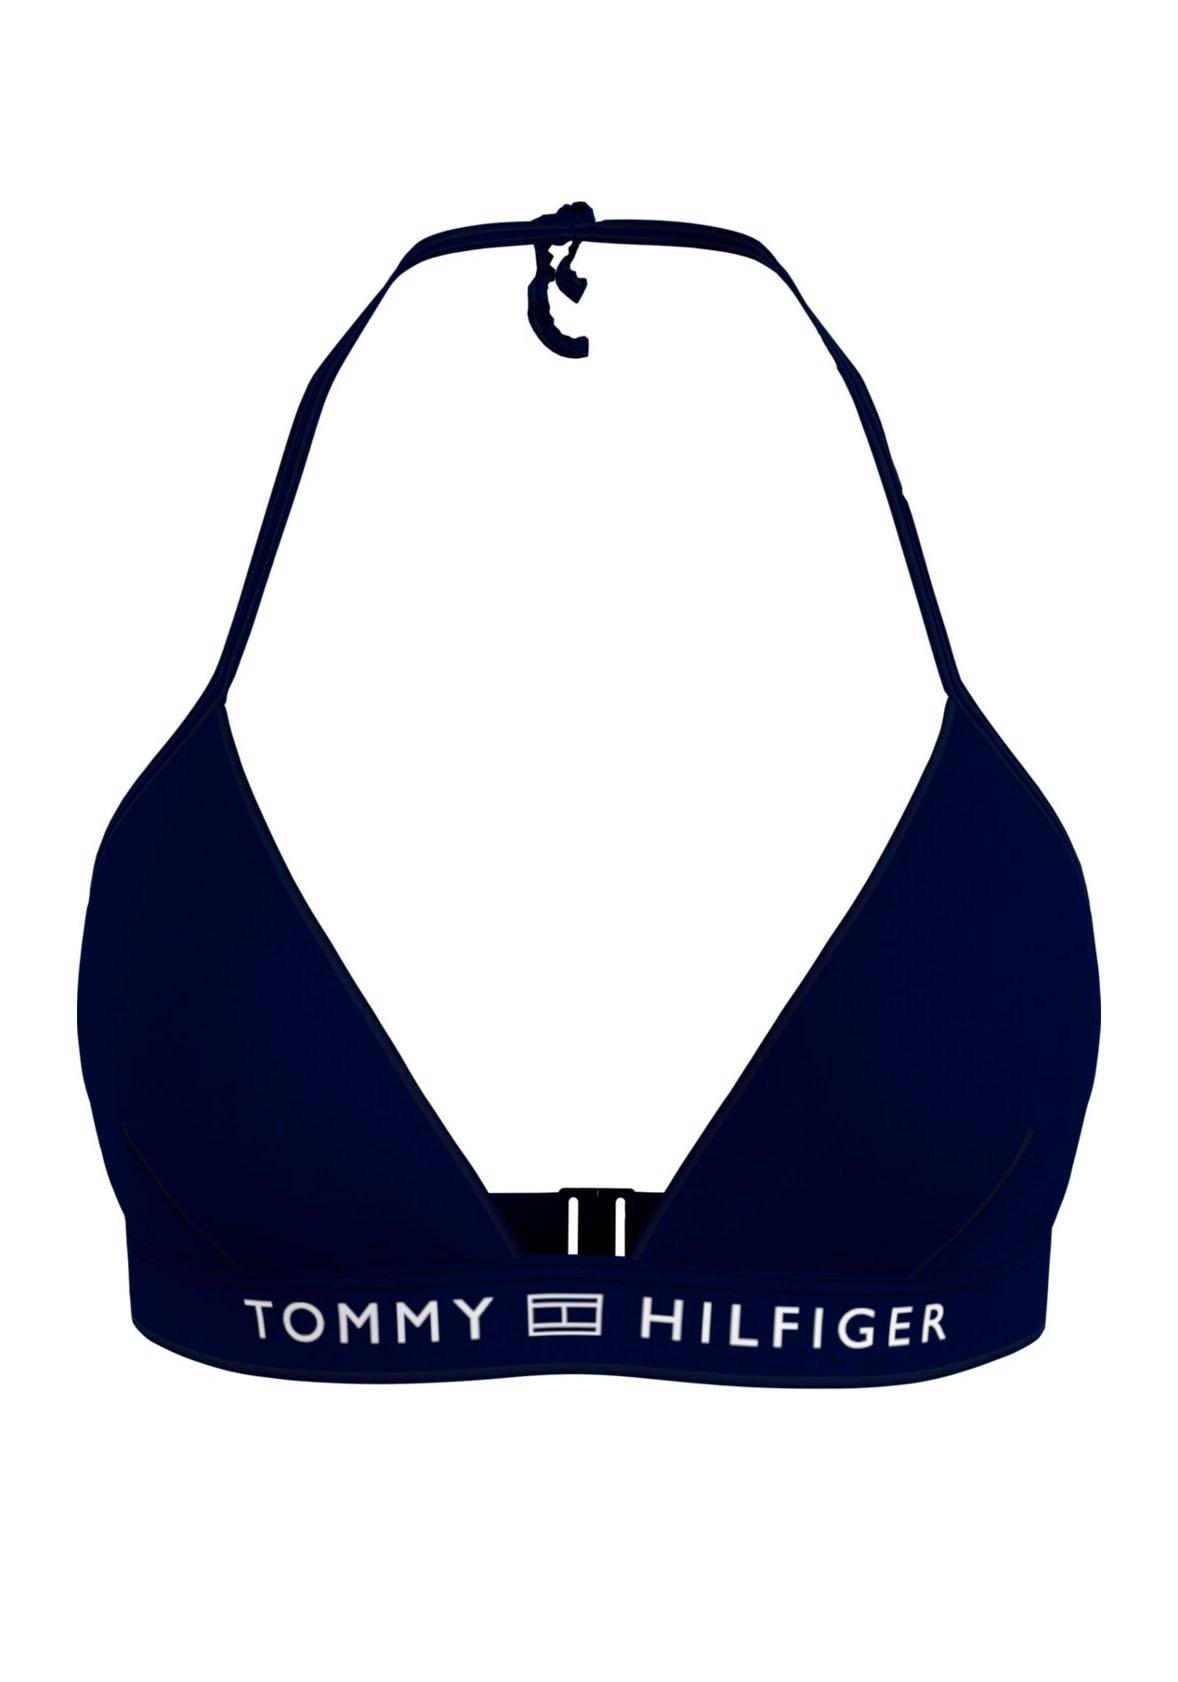 Tommy Hilfiger triangel-bikinitop online kopen op lascana.nl